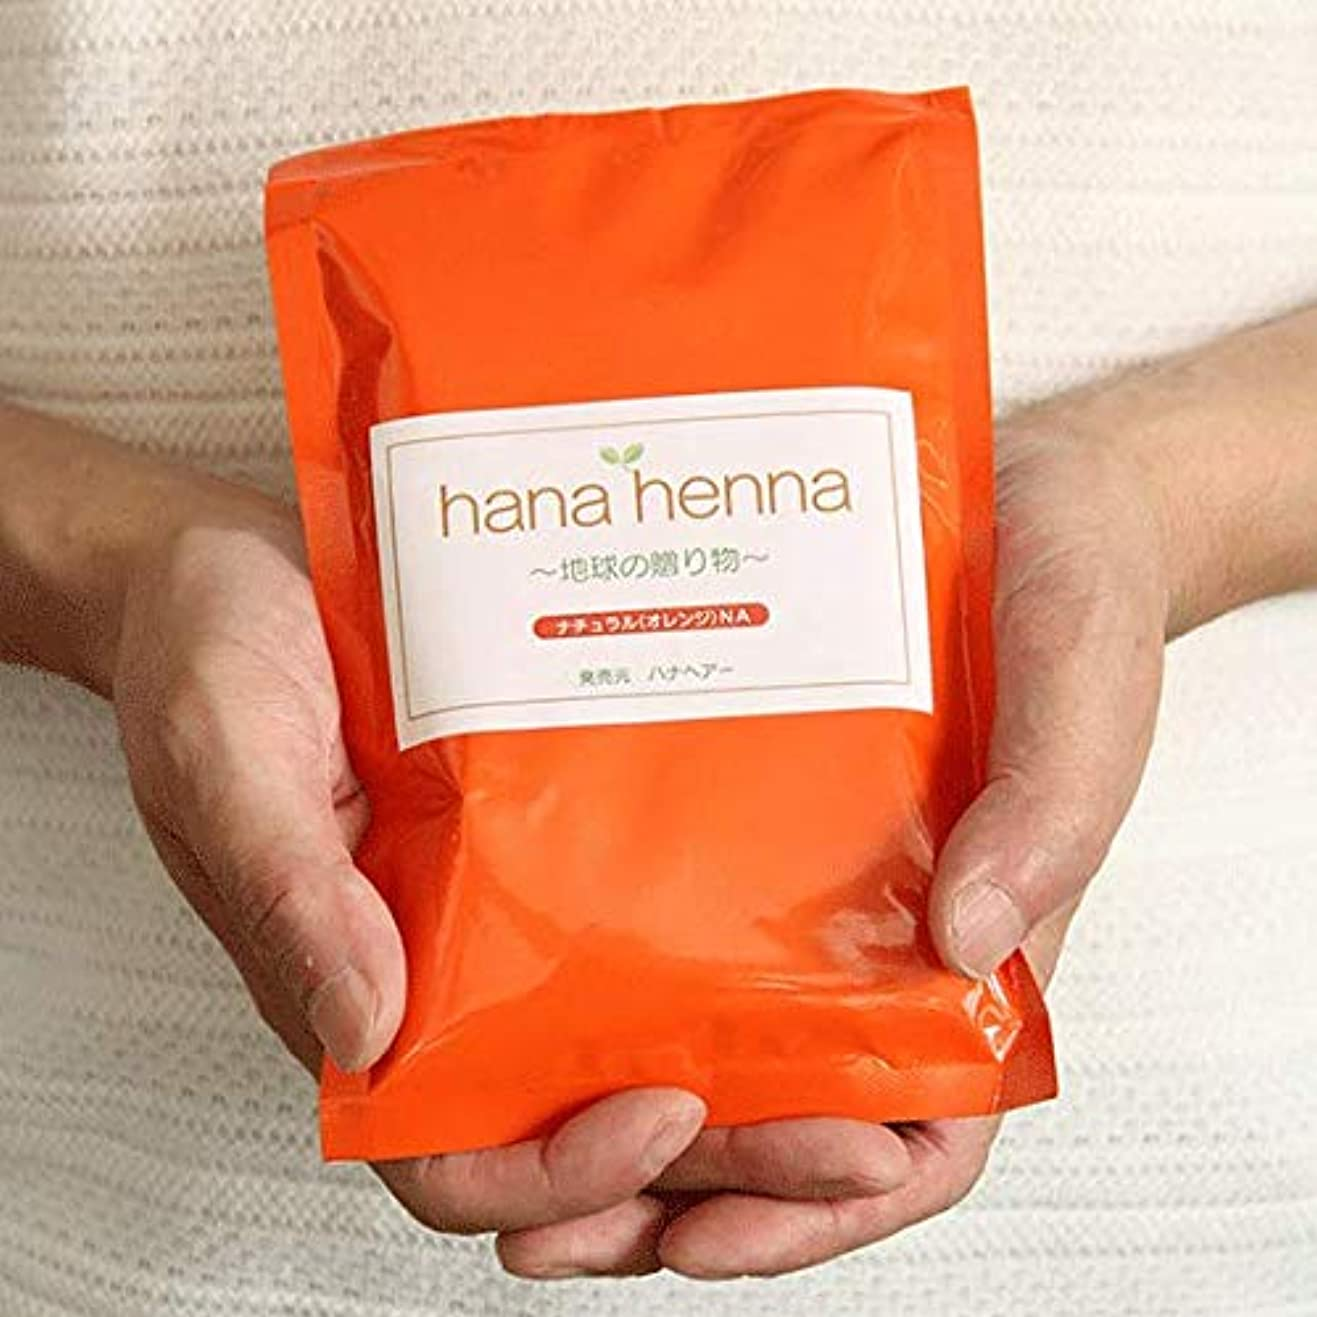 真実にインタネットを見る展望台?hana henna?ハナヘナ ナチュラル(オレンジ) 500g